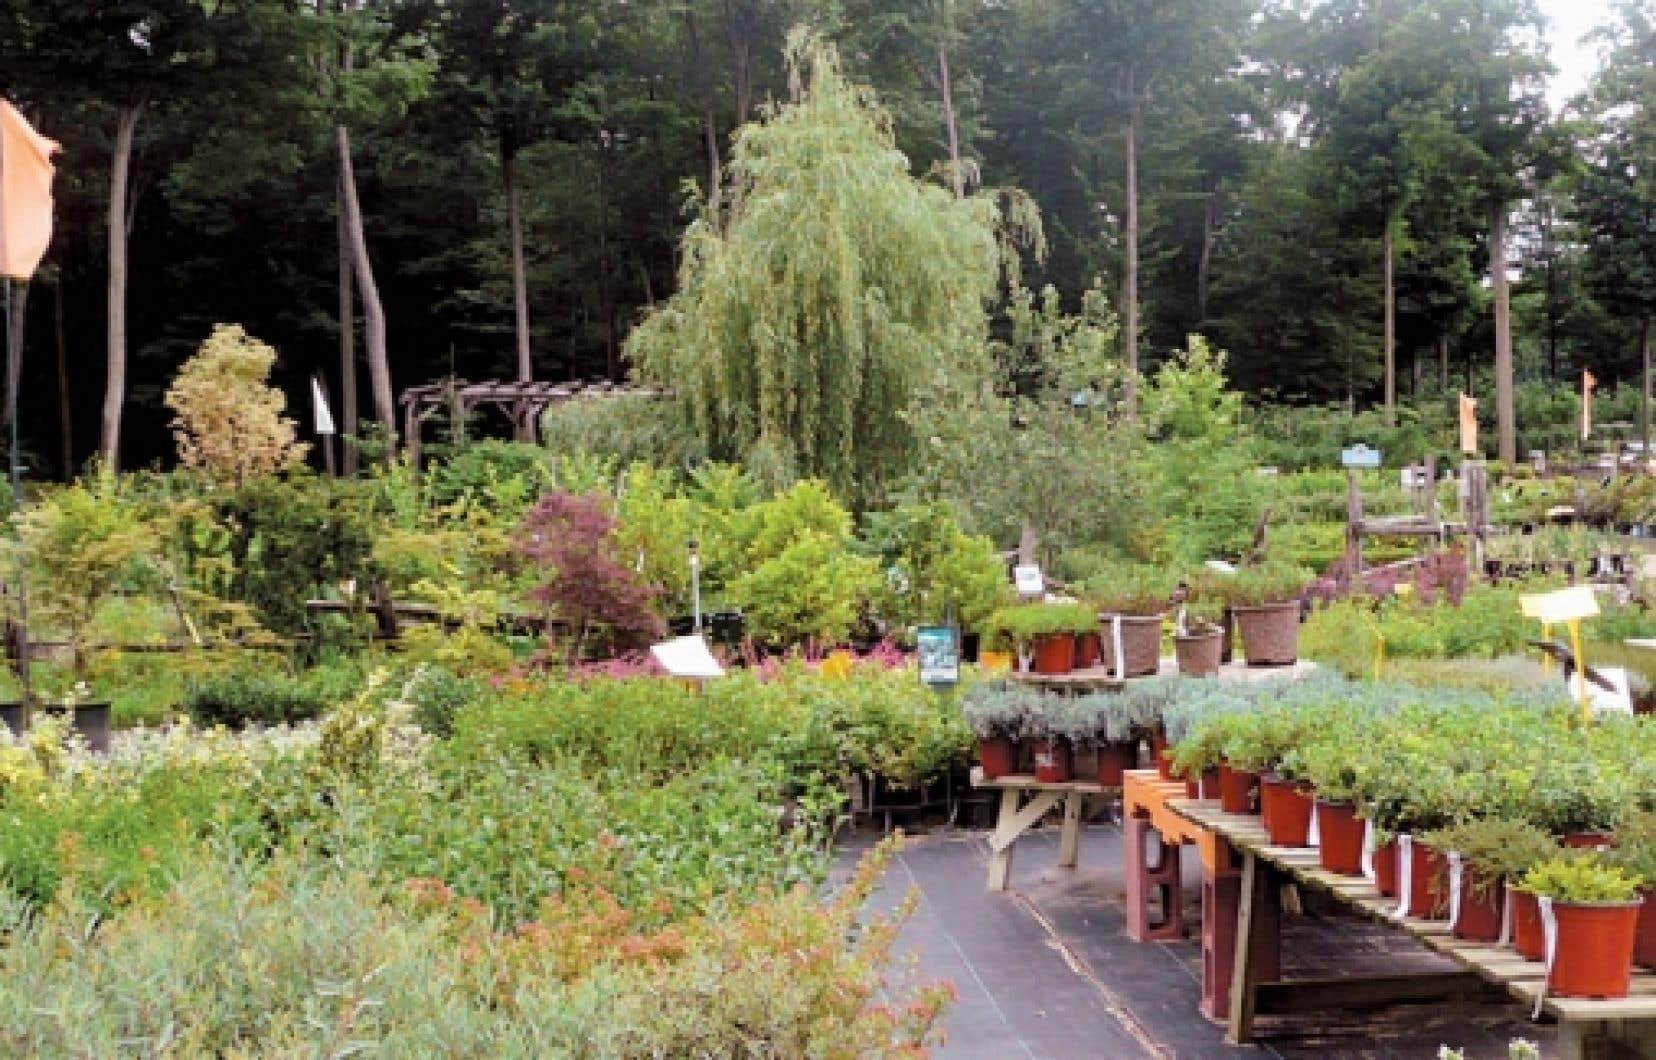 Une Jardinerie Unique Le Devoir